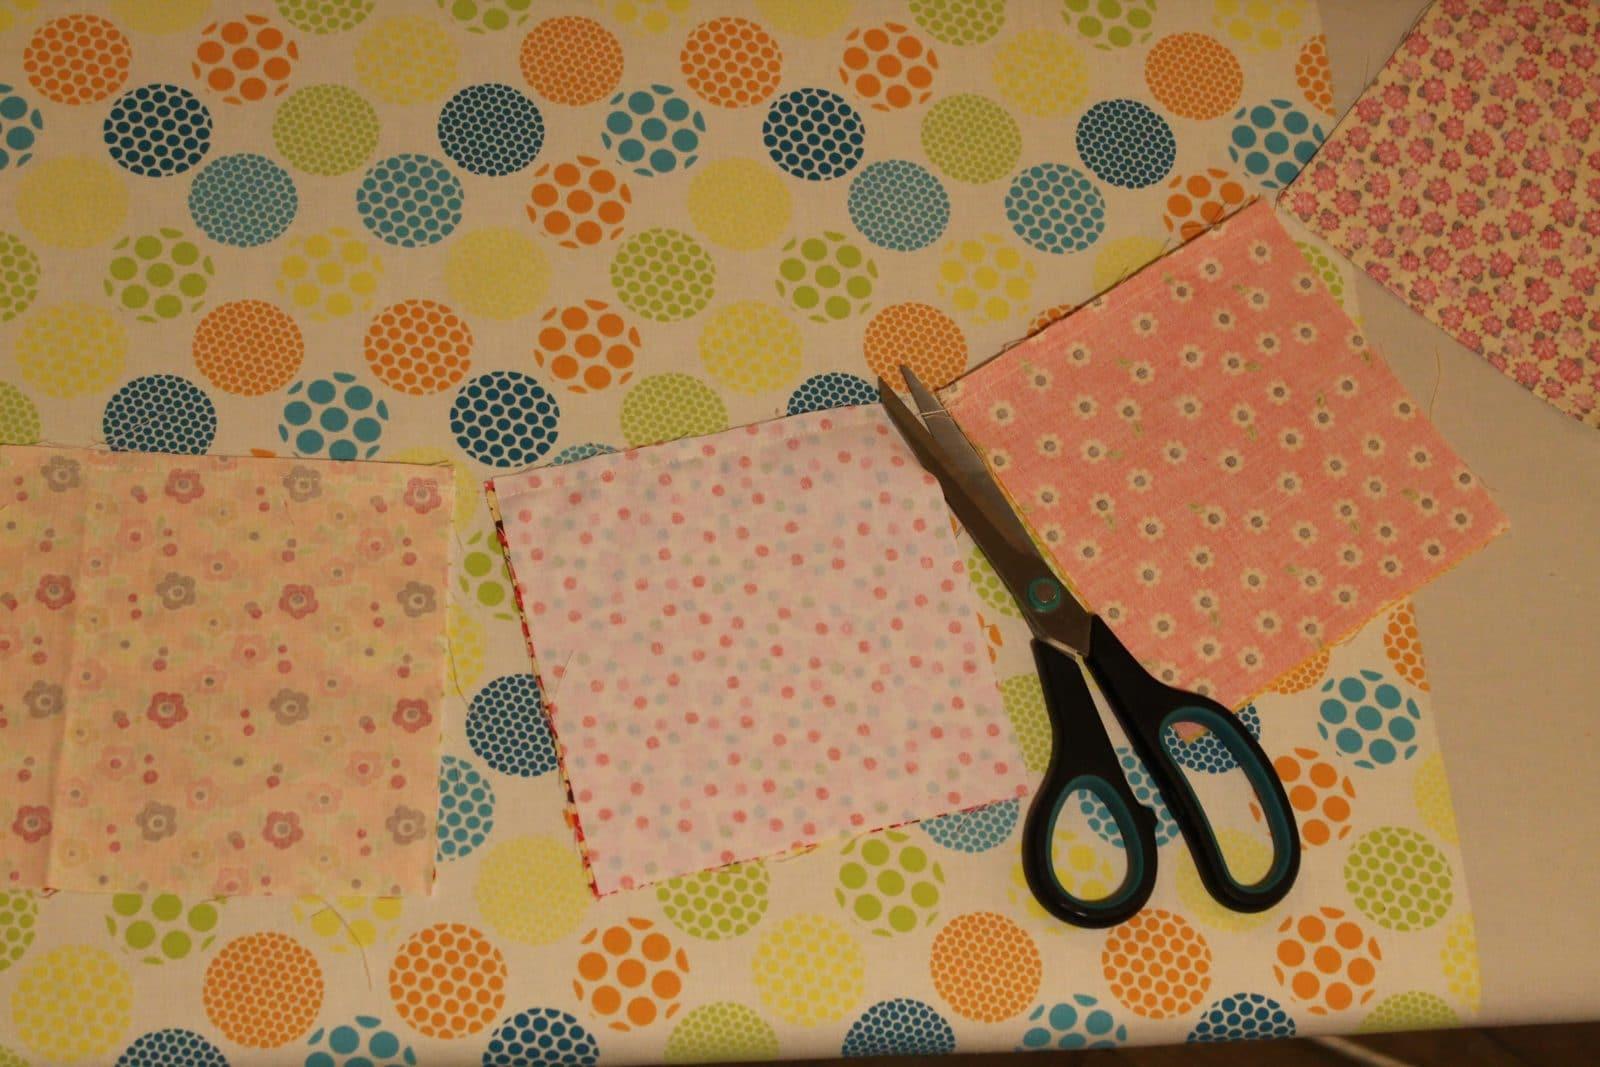 Wie näht man einen Baby-Quilt- Schritt für Schritt? Ein Anfänger ...